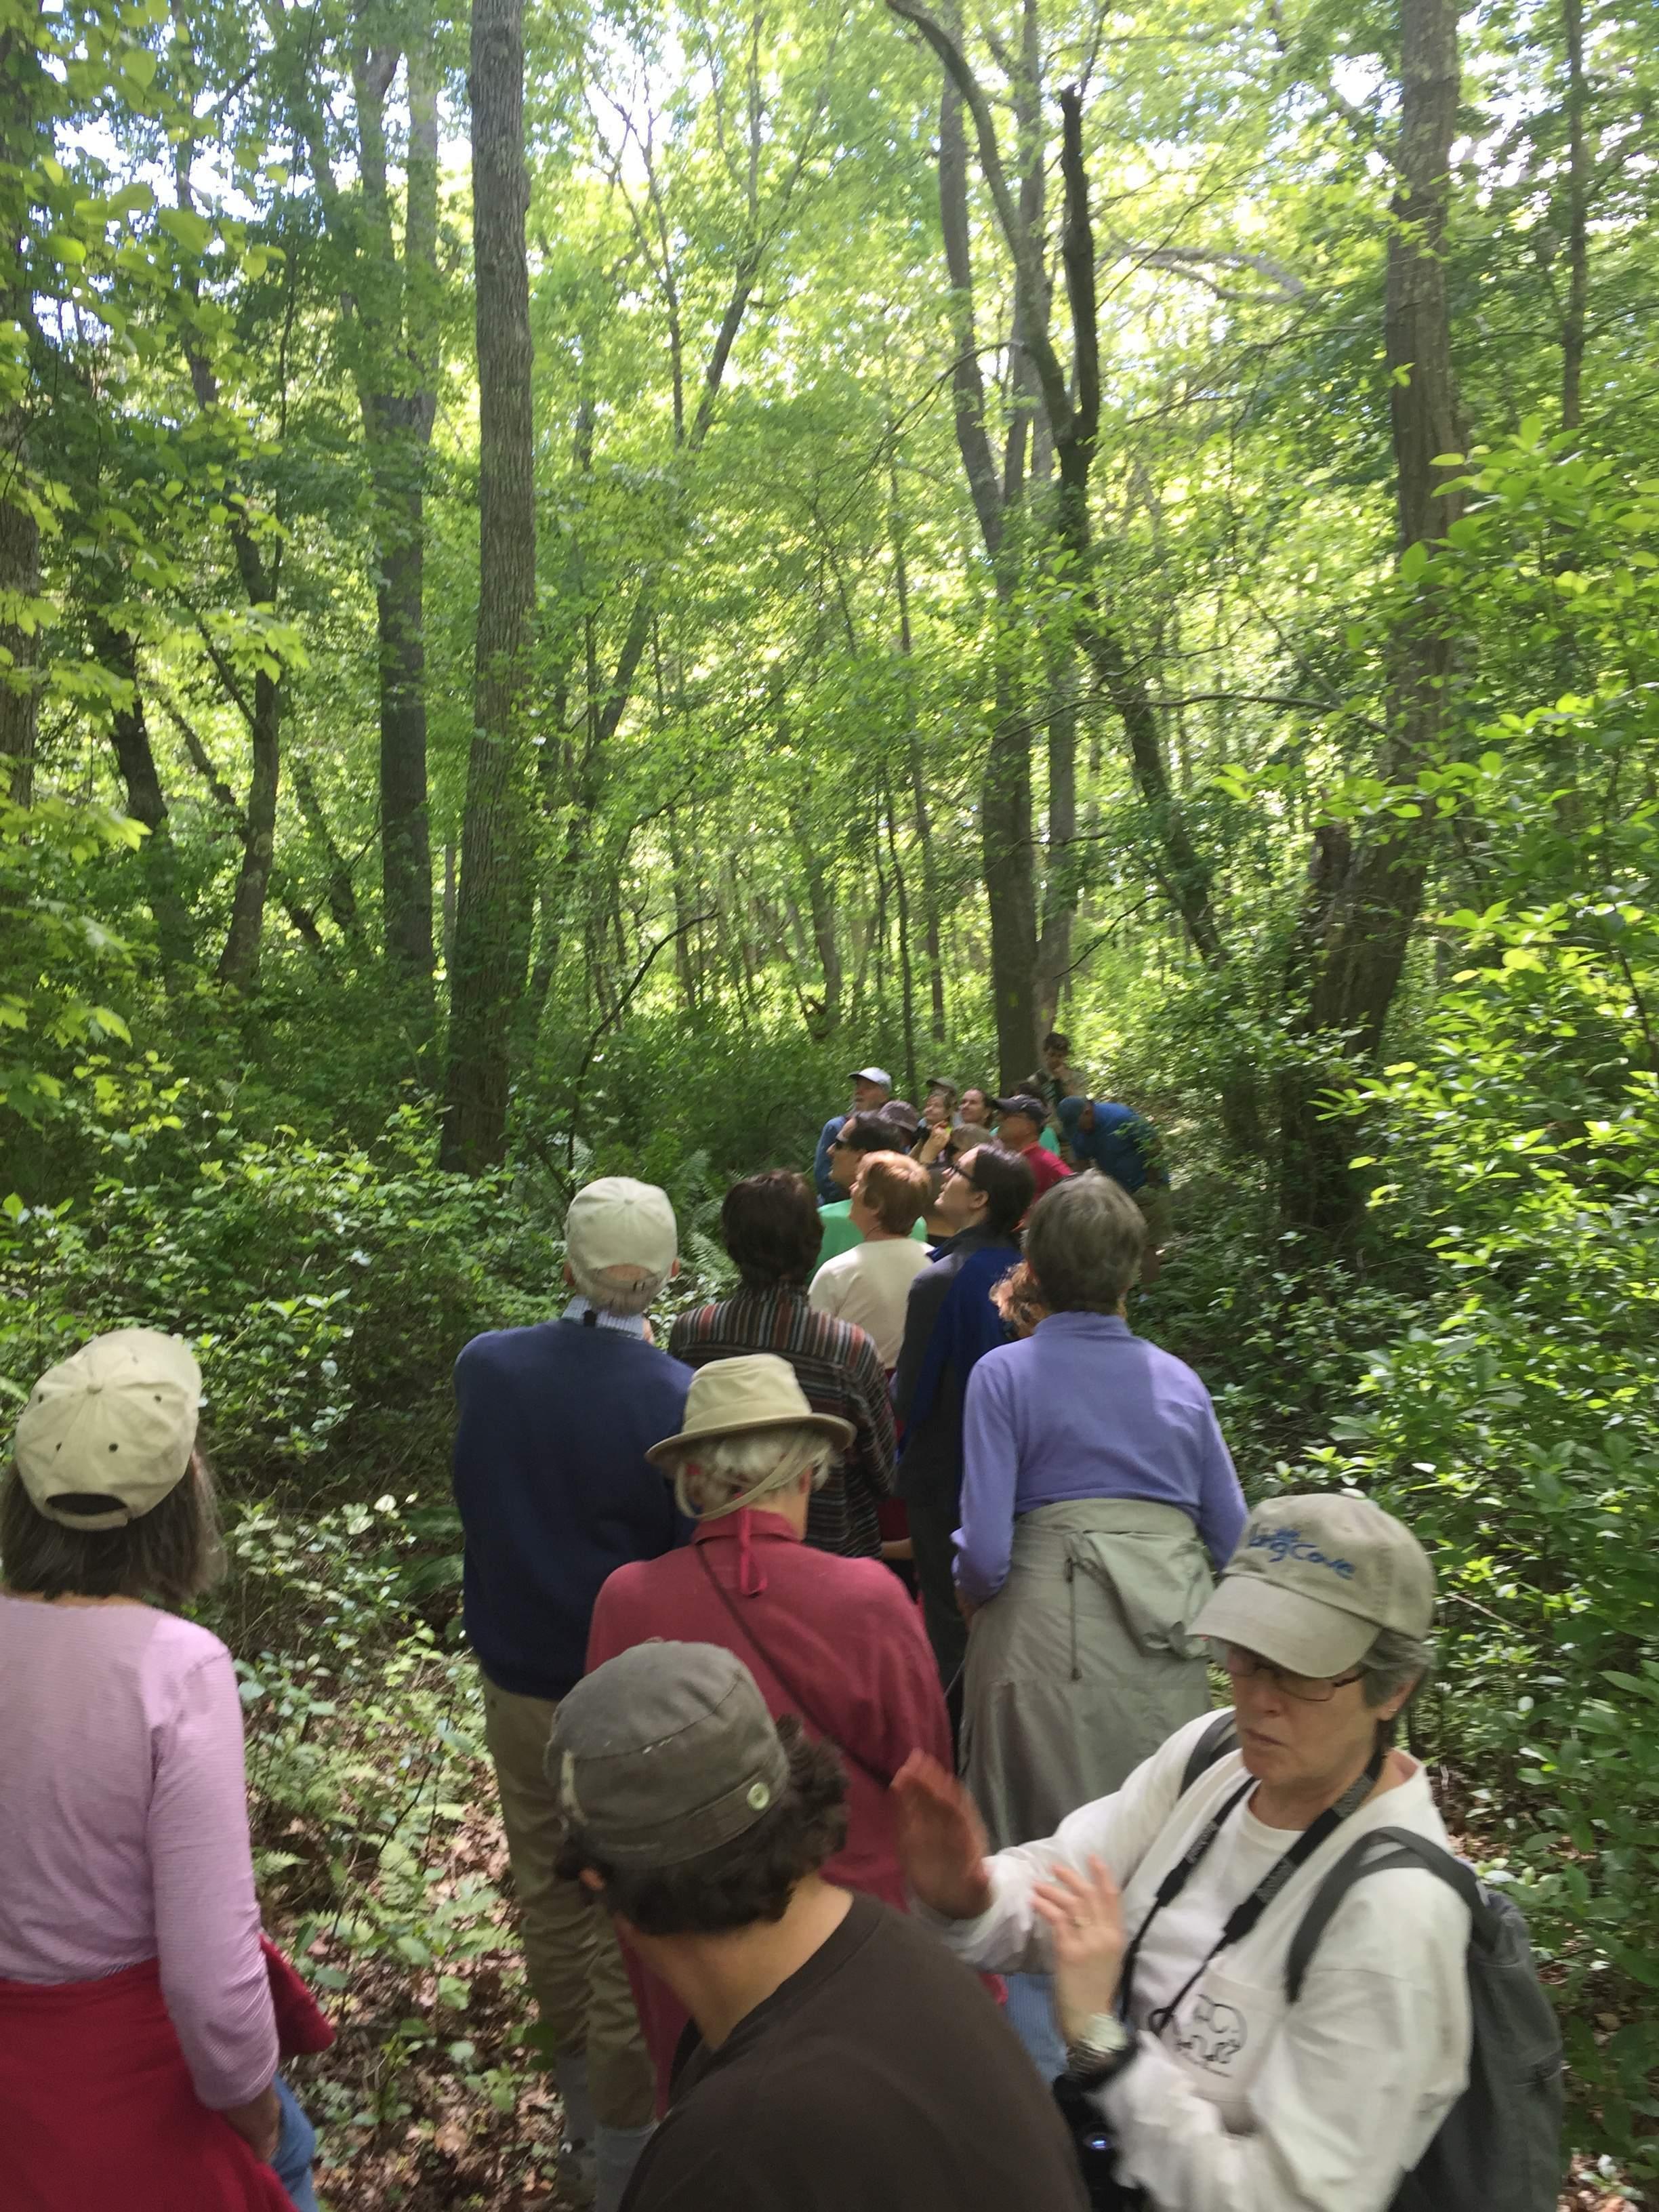 IMG_1061, NTD, Through Trail on Meadow Woods, 06-03-15.JPG